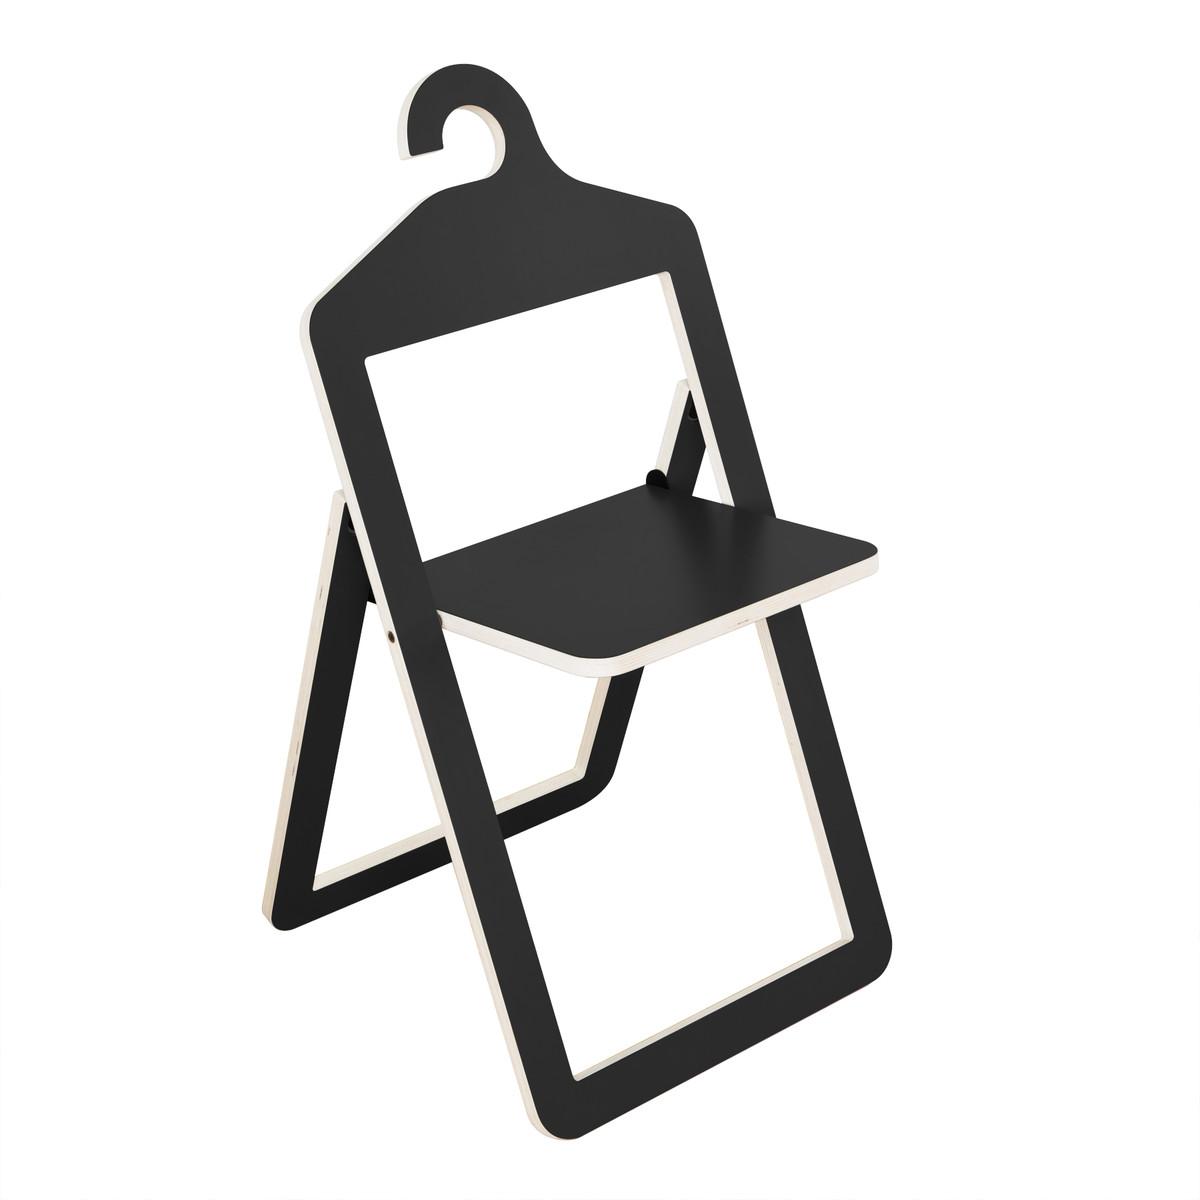 732ab142246 Hanger Chair – tool riidepuu – Sisustus, mööbel ja valgustid